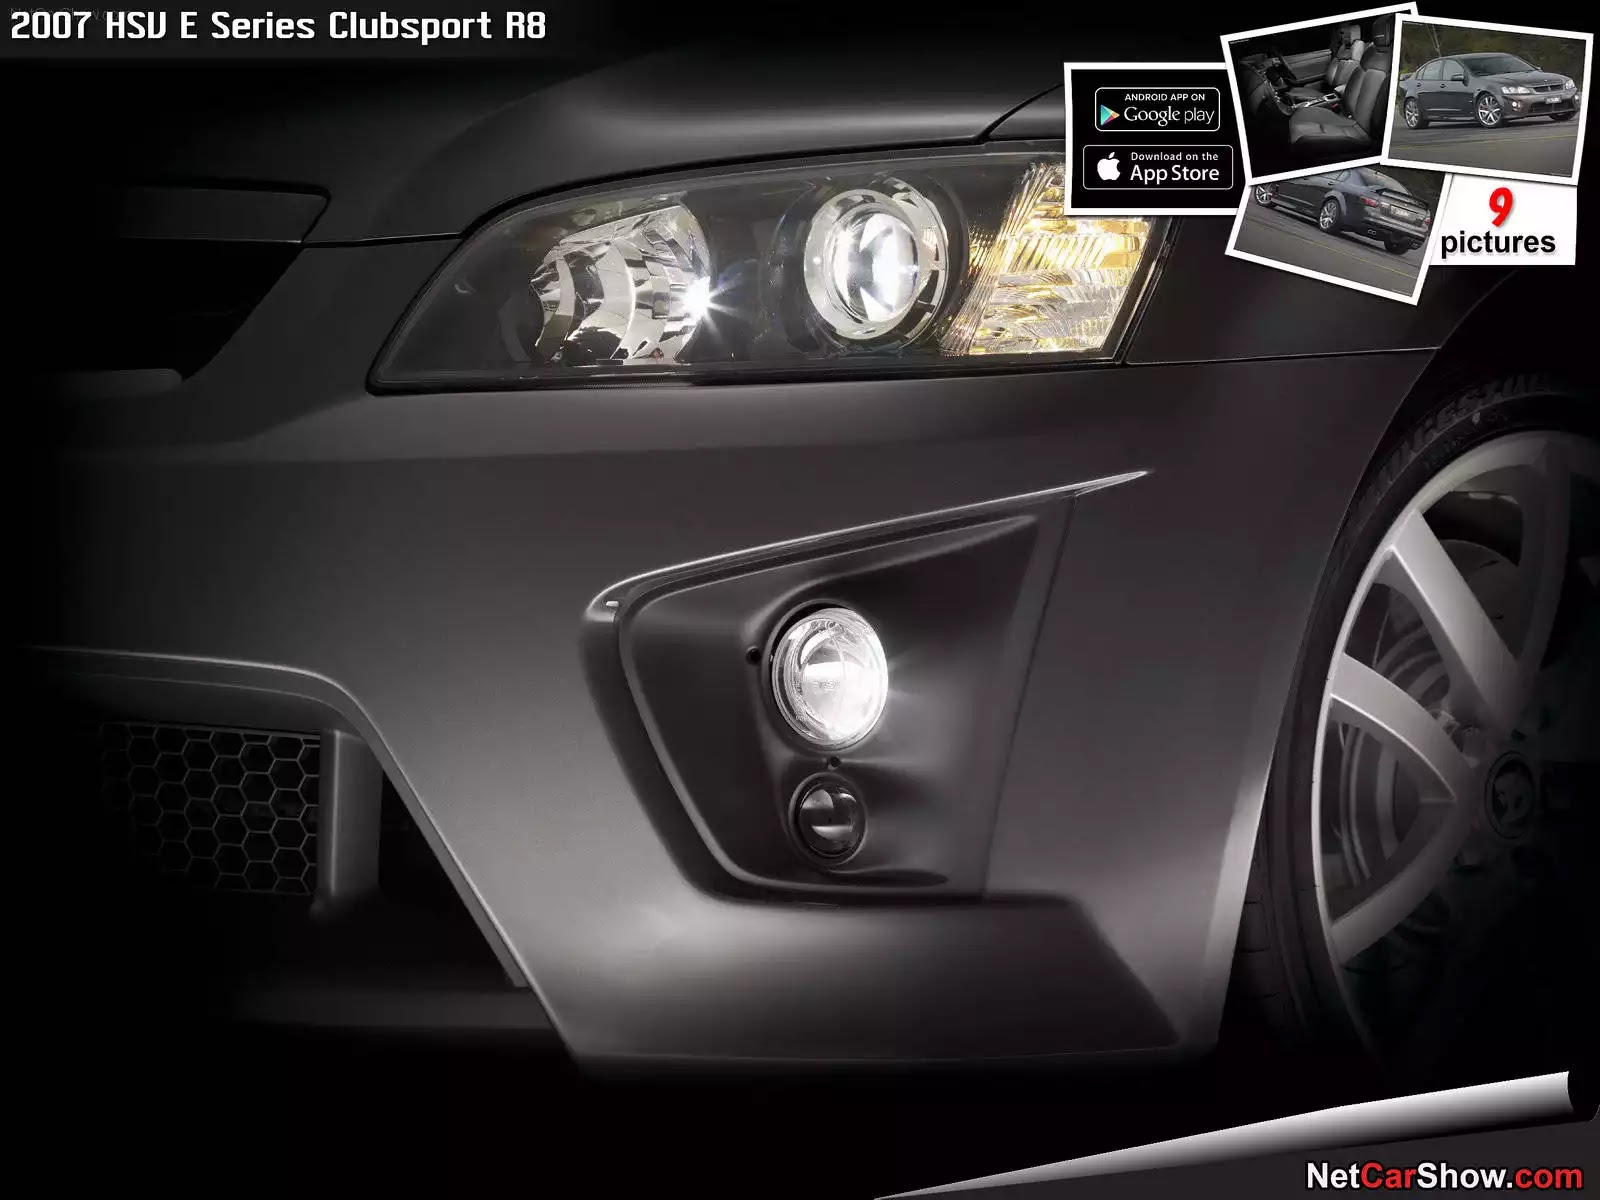 Hình ảnh xe ô tô HSV E Series Clubsport R8 2007 & nội ngoại thất